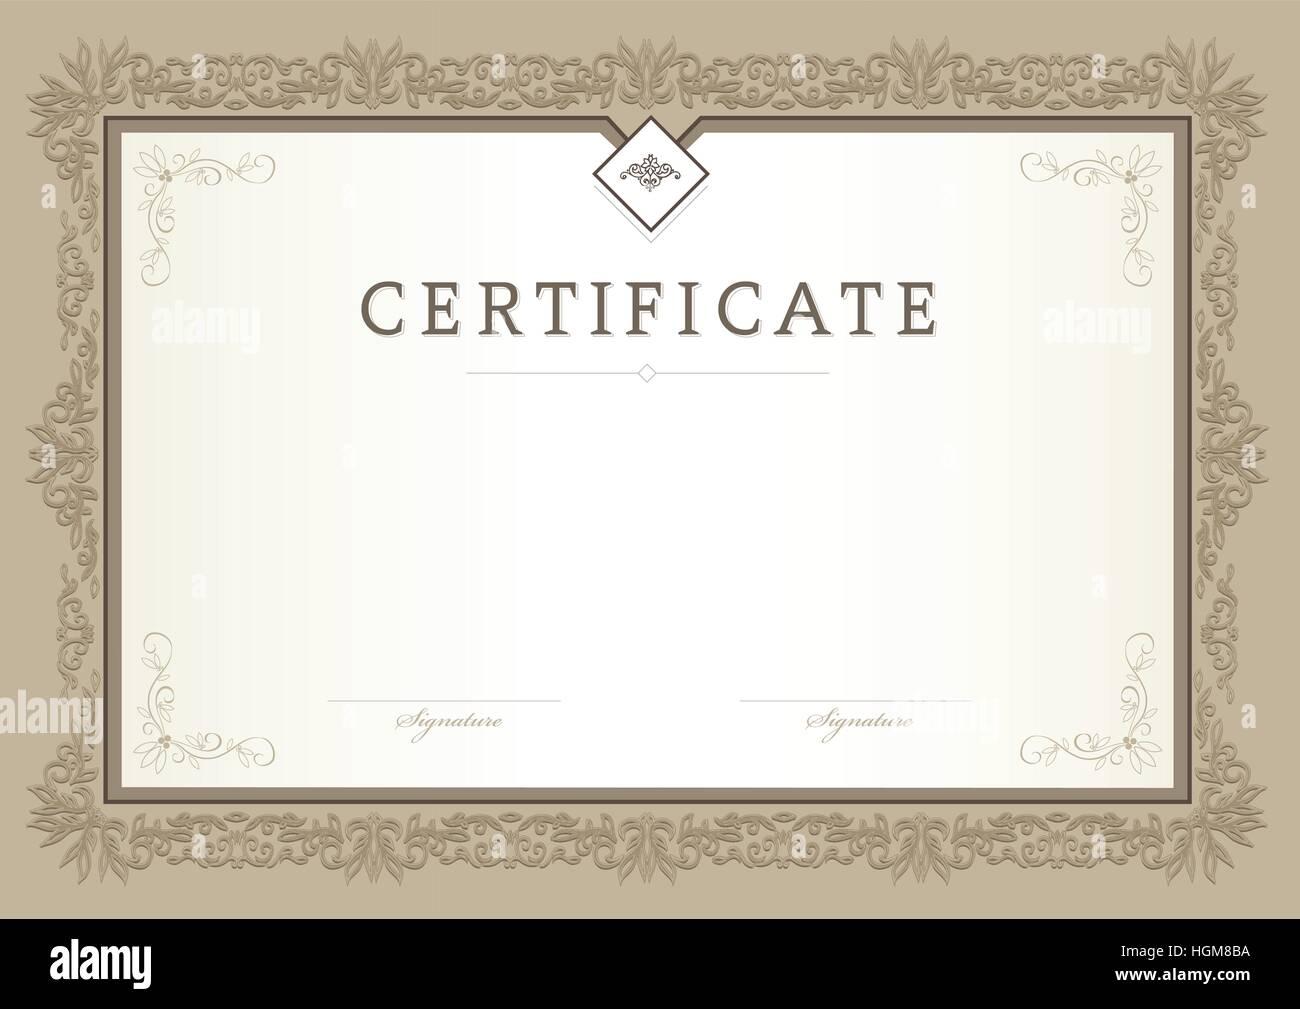 Zertifikat, Abschlusszeugnis, Vektor-Design-Vorlage Vektor Abbildung ...